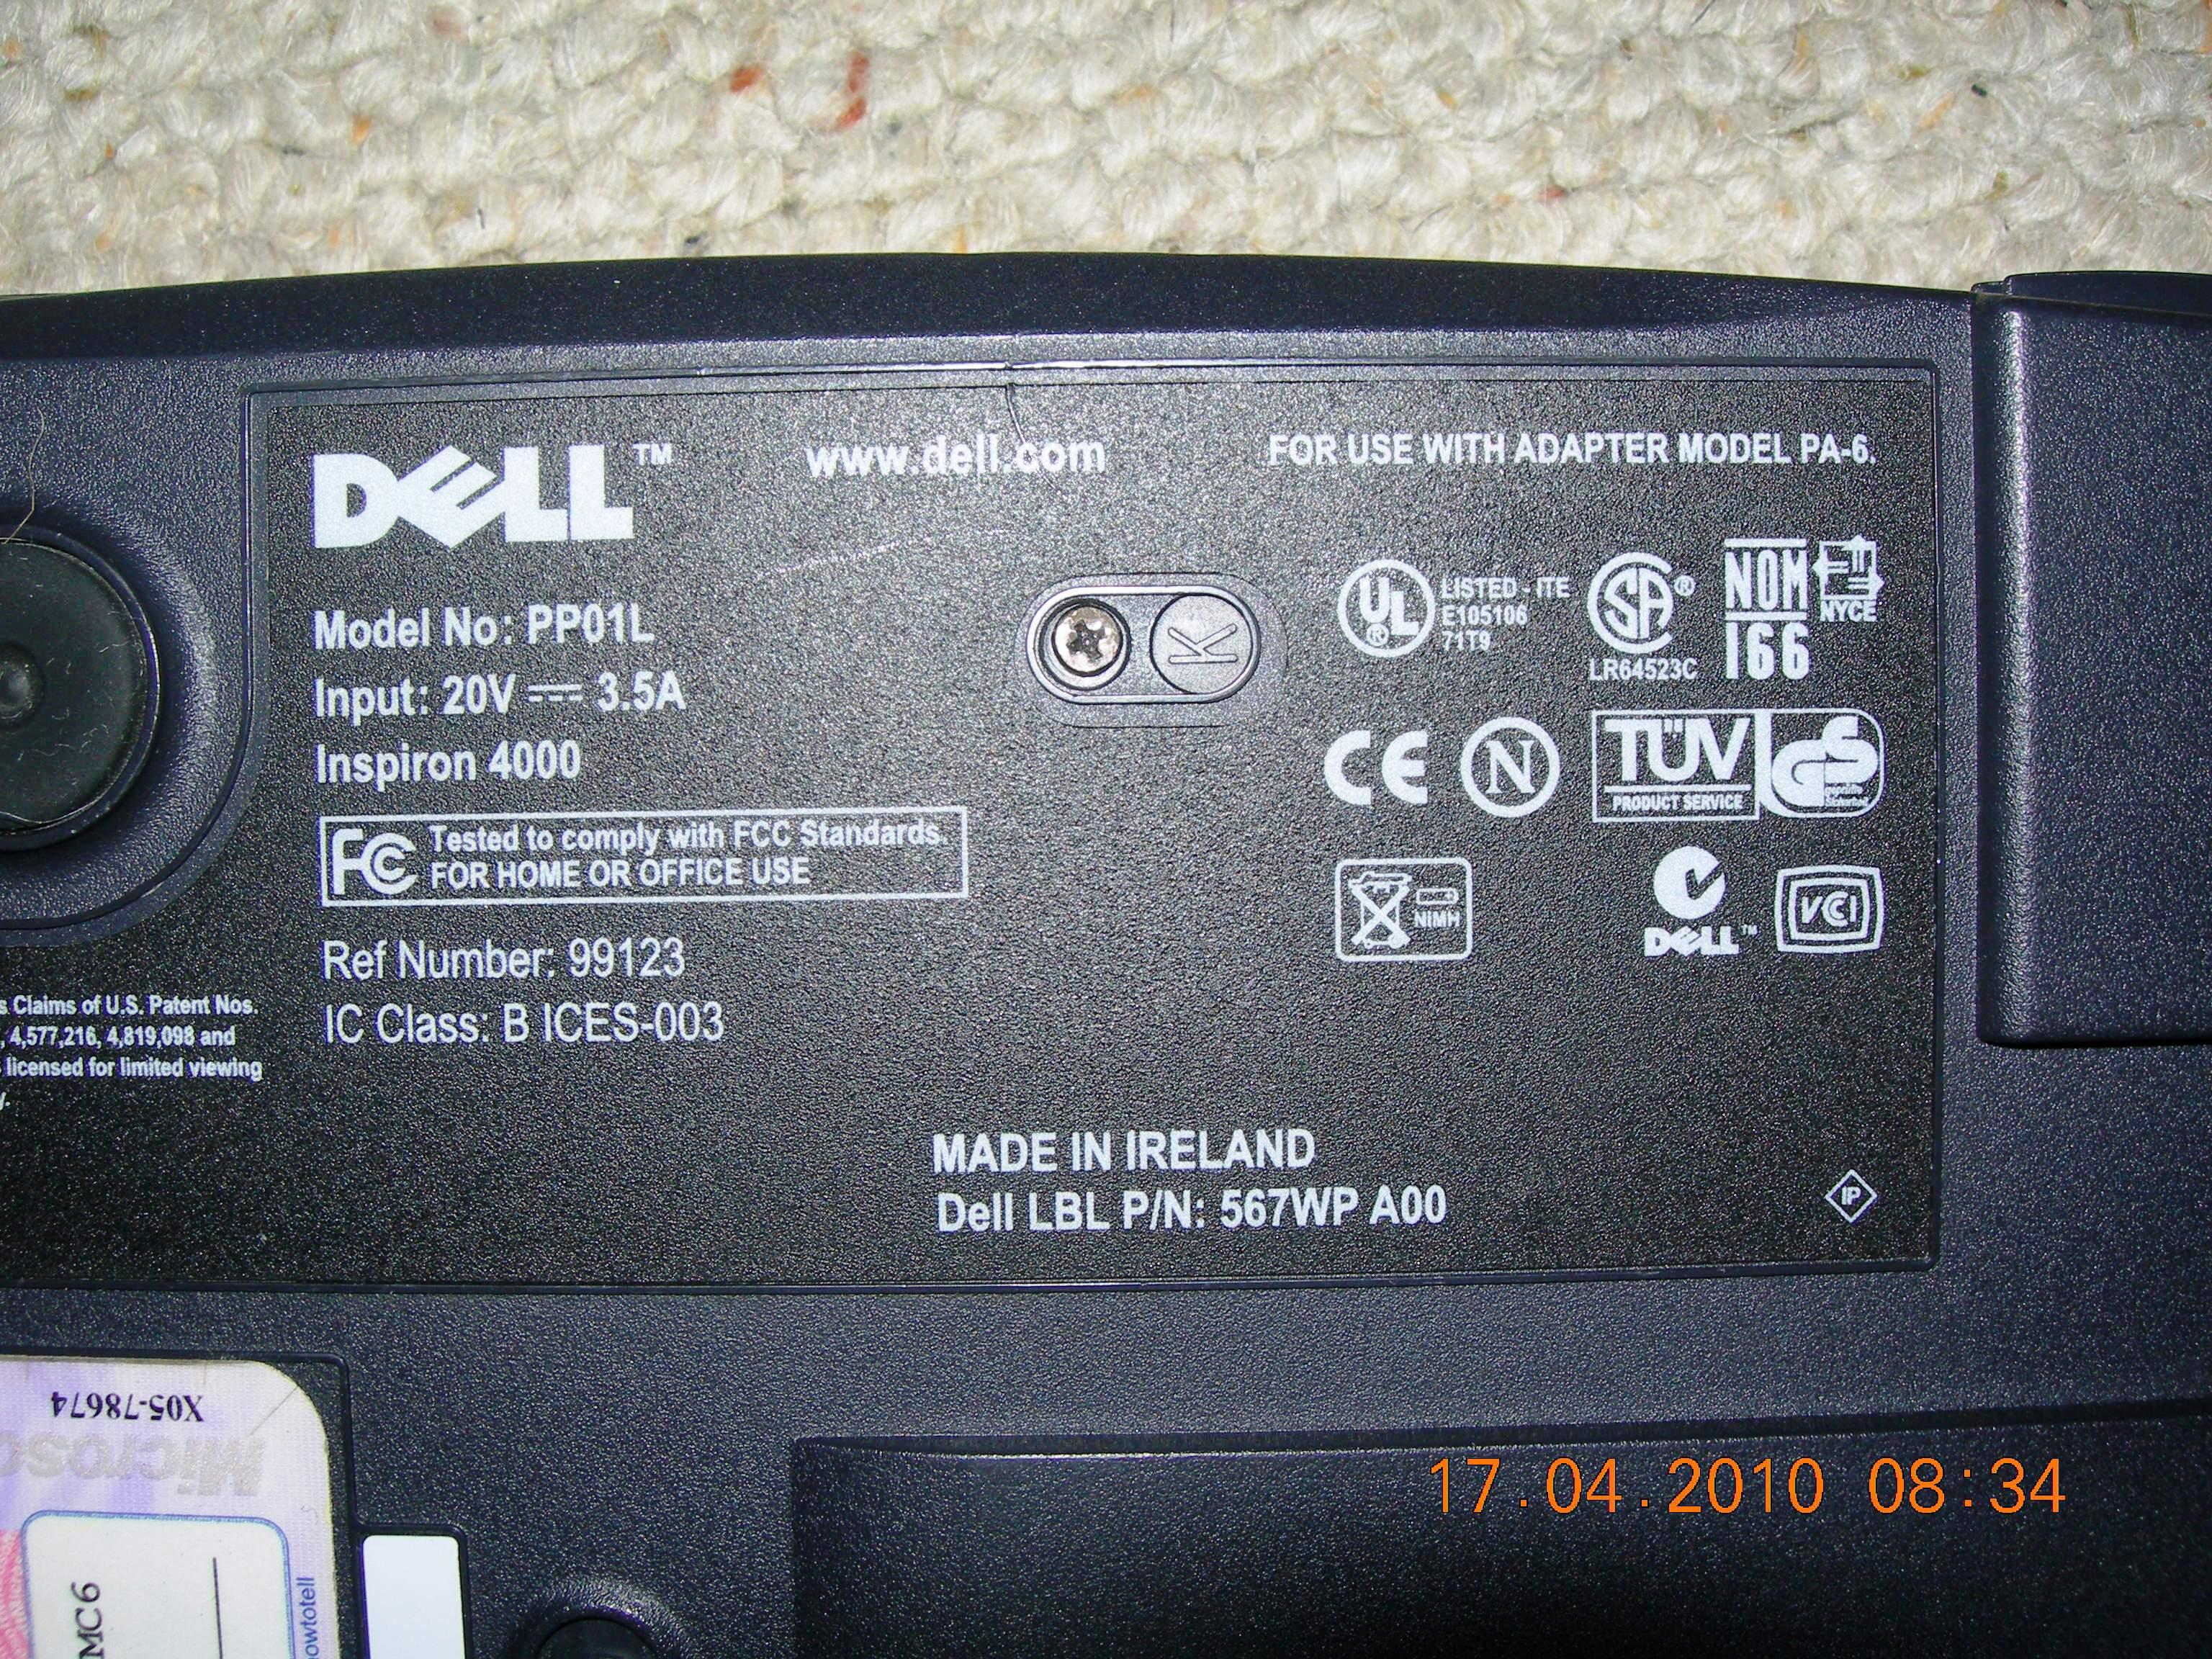 Dell Laptop Inspiron 4000 PP01L BIOS battery swap DSCN2352